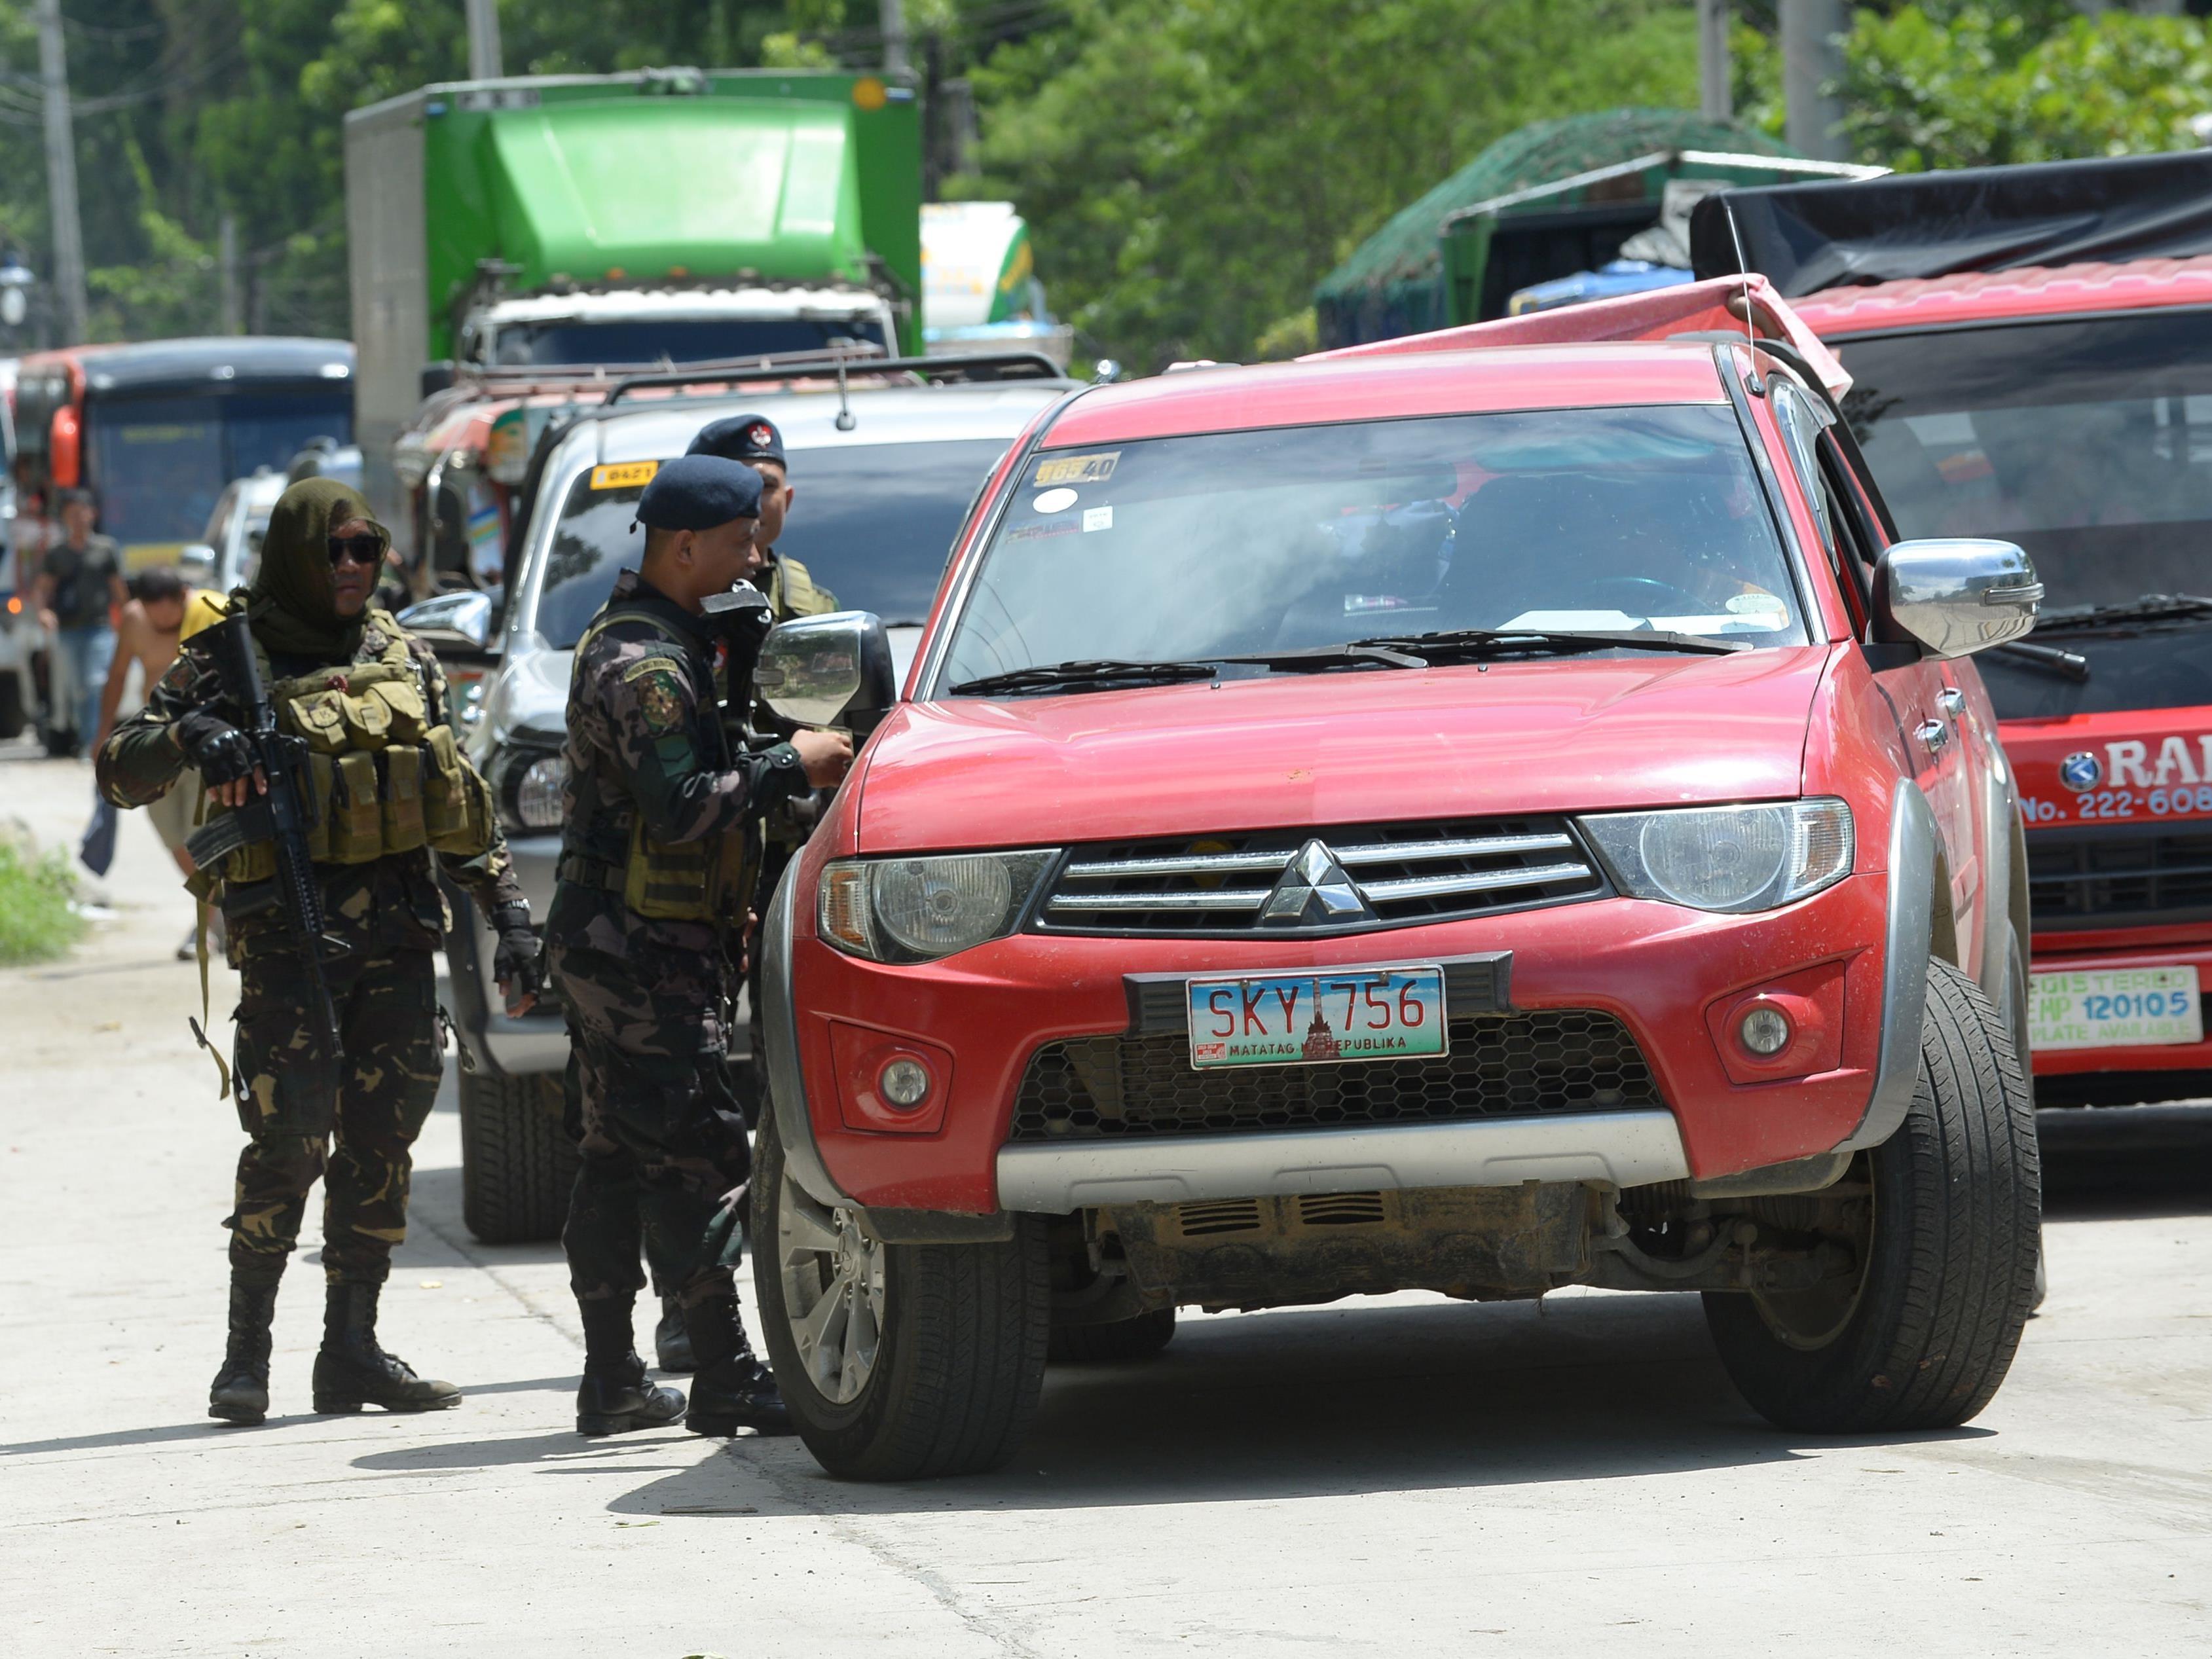 ) - Radikalislamische Extremisten sind in eine Stadt im Süden der Philippinen eingefallen und haben dort mehrere Soldaten und Polizisten getötet und Christen als Geiseln genommen.